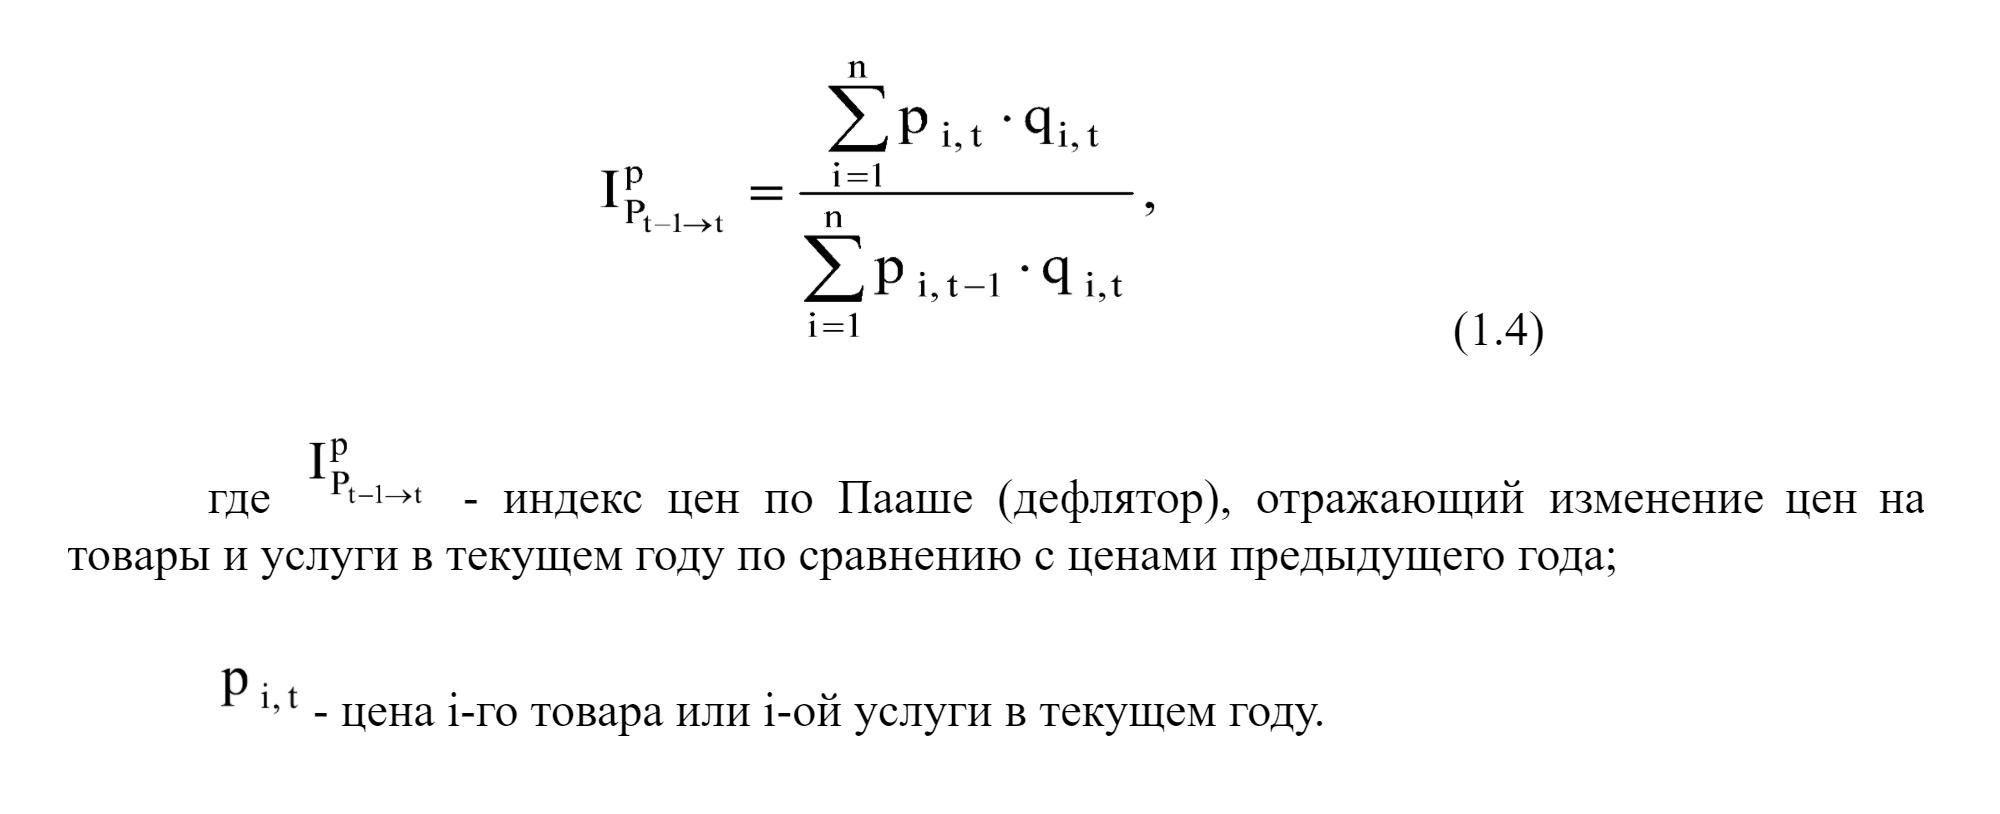 Формула расчета дефлятора по Пааше из «Методологии расчета индексов макроэкономических показателей» Росстата